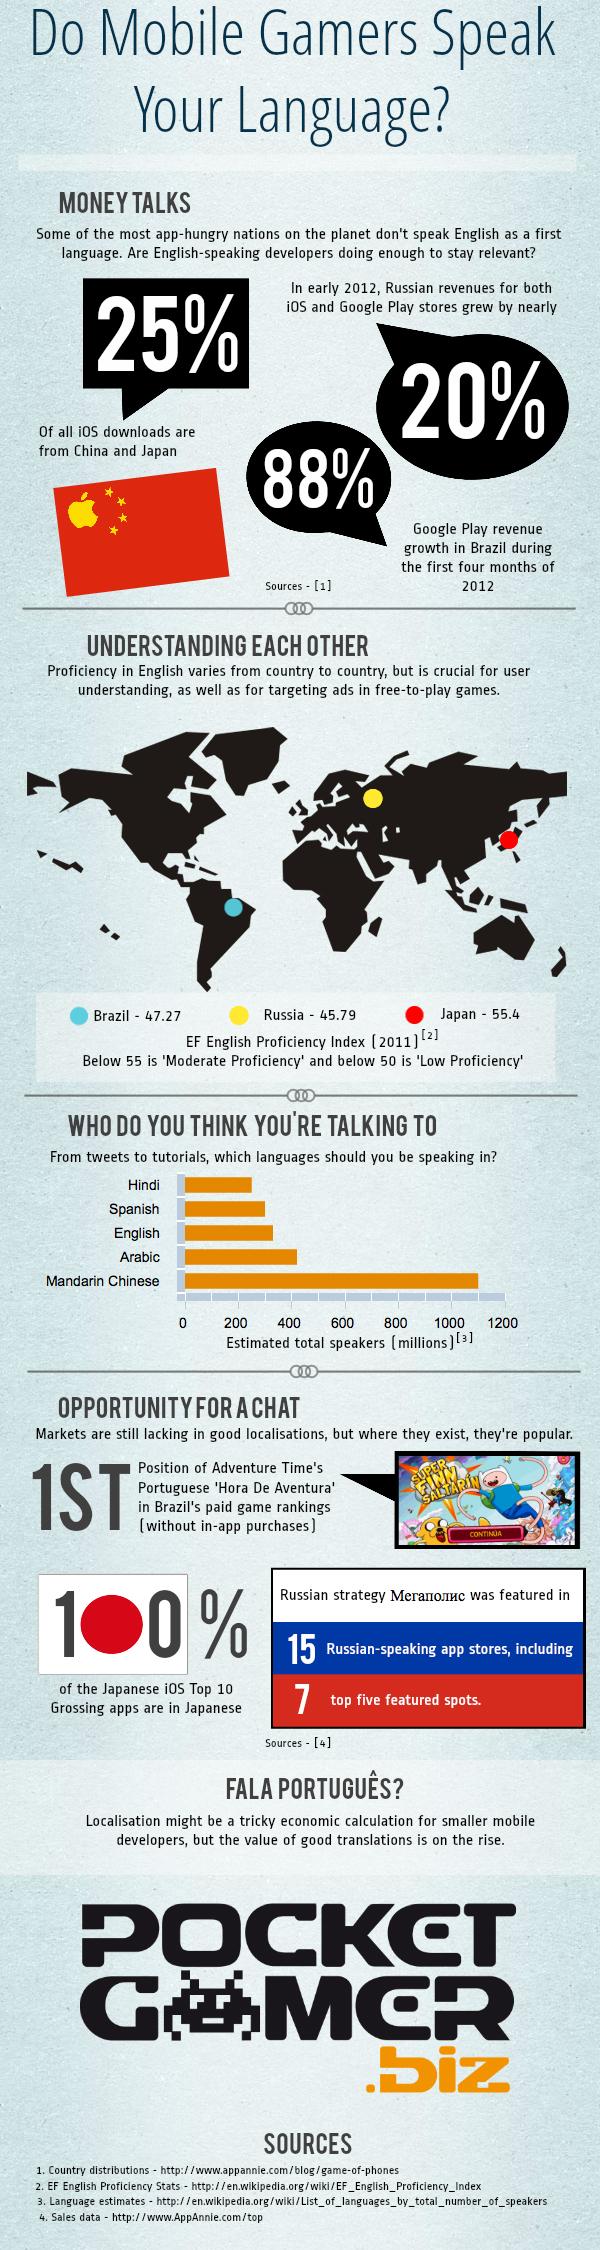 Infografía: ¿Qué idiomas hablan los usuarios de apps y juegos móviles?